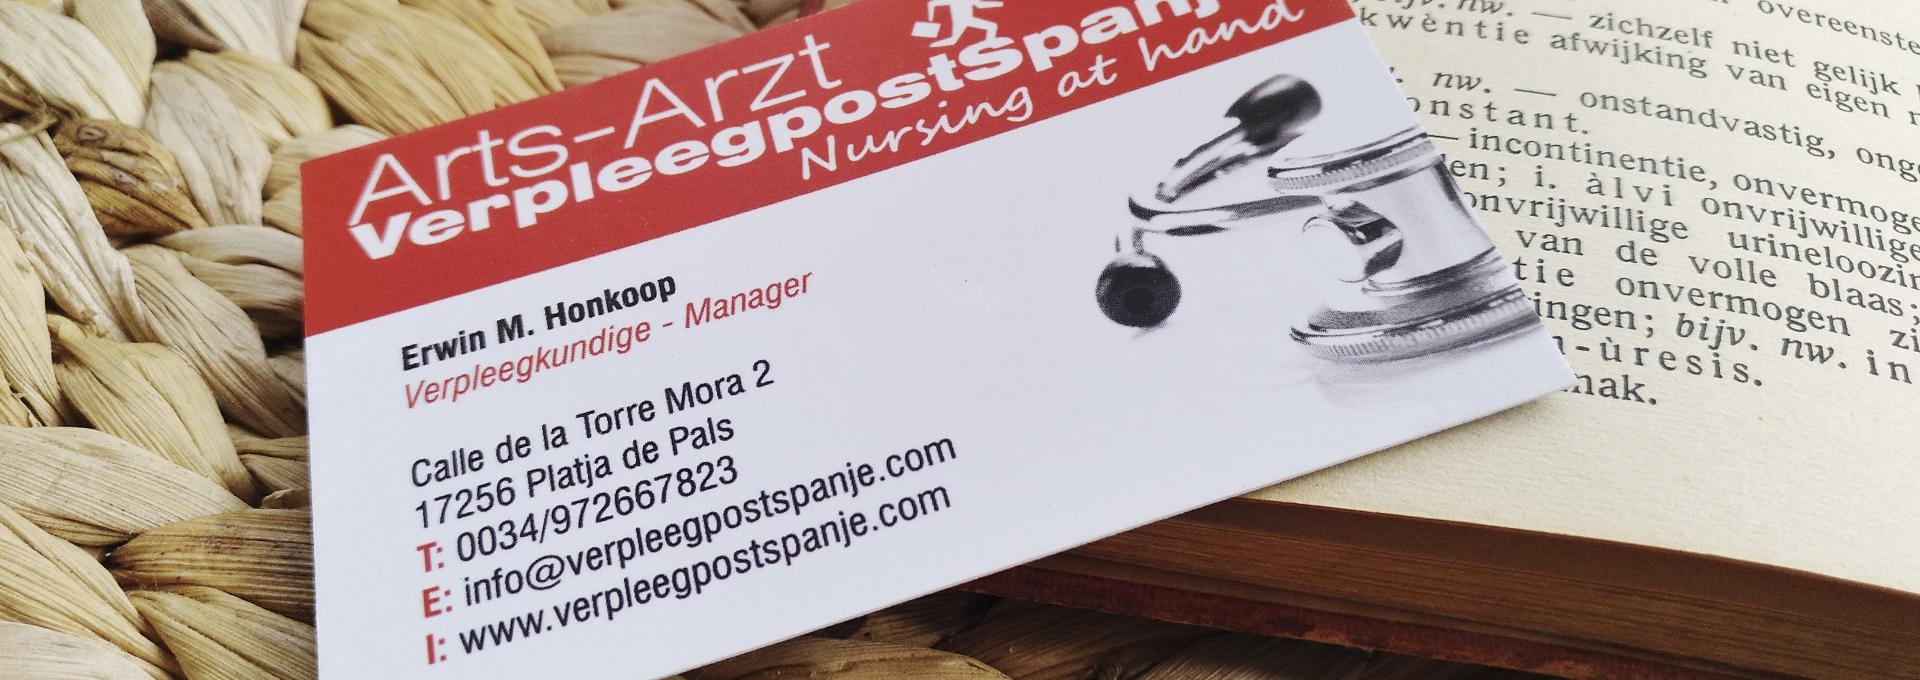 Stethoscoop op visitekaart van Erwin Honkoop, verpleegkundige en oprichter van VerpleegpostSpanje Nederlandse Huisartsenpraktijk in Begur Pals aan de Costa Brava